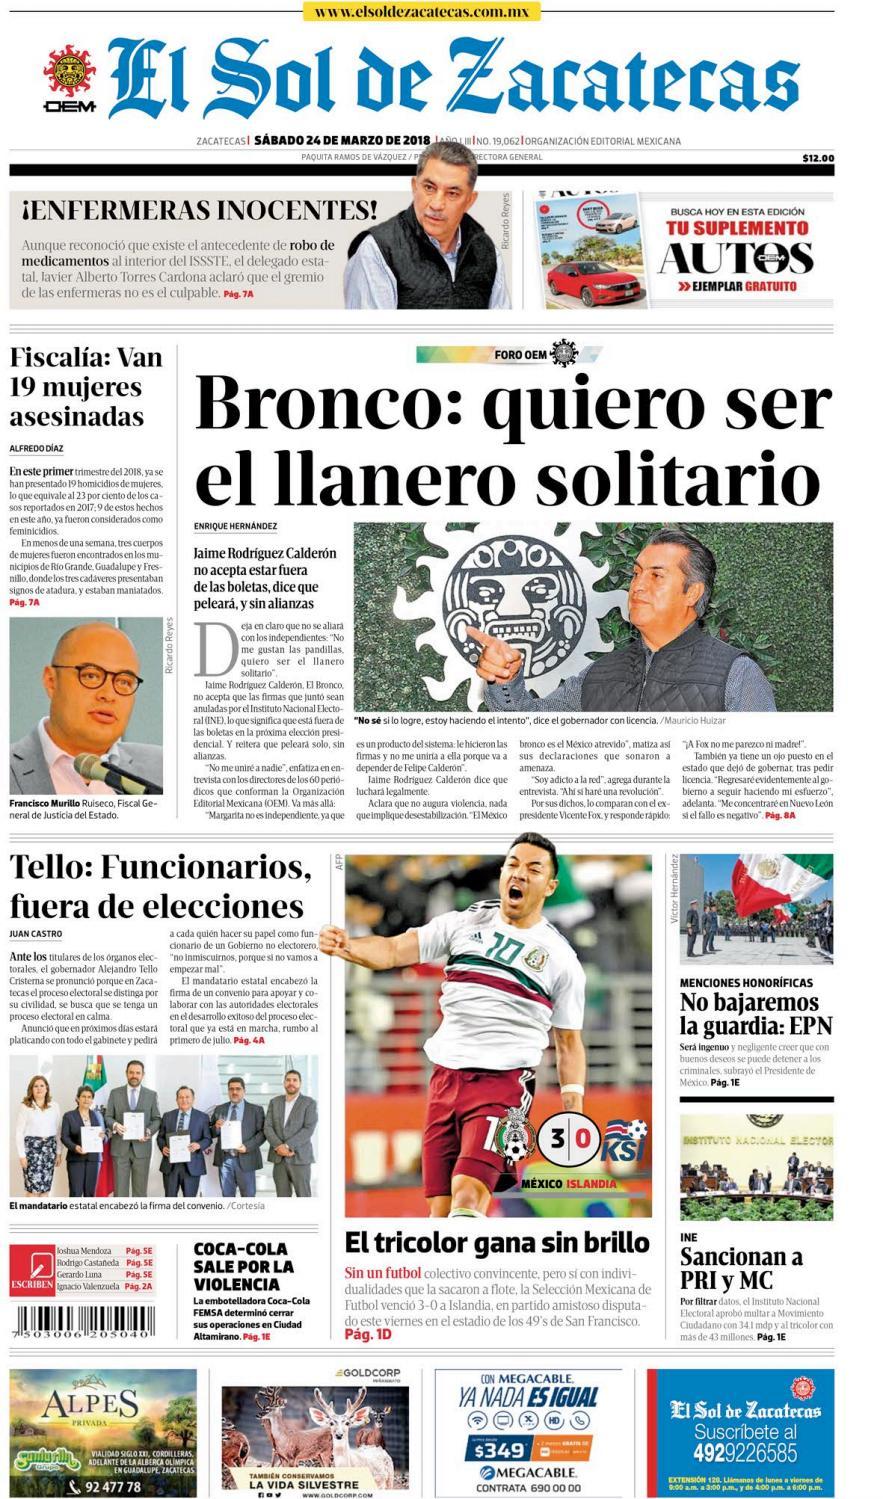 El Sol de Zacatecas 24 de marzo 2018 by El Sol de Zacatecas - issuu 97cf4036968f